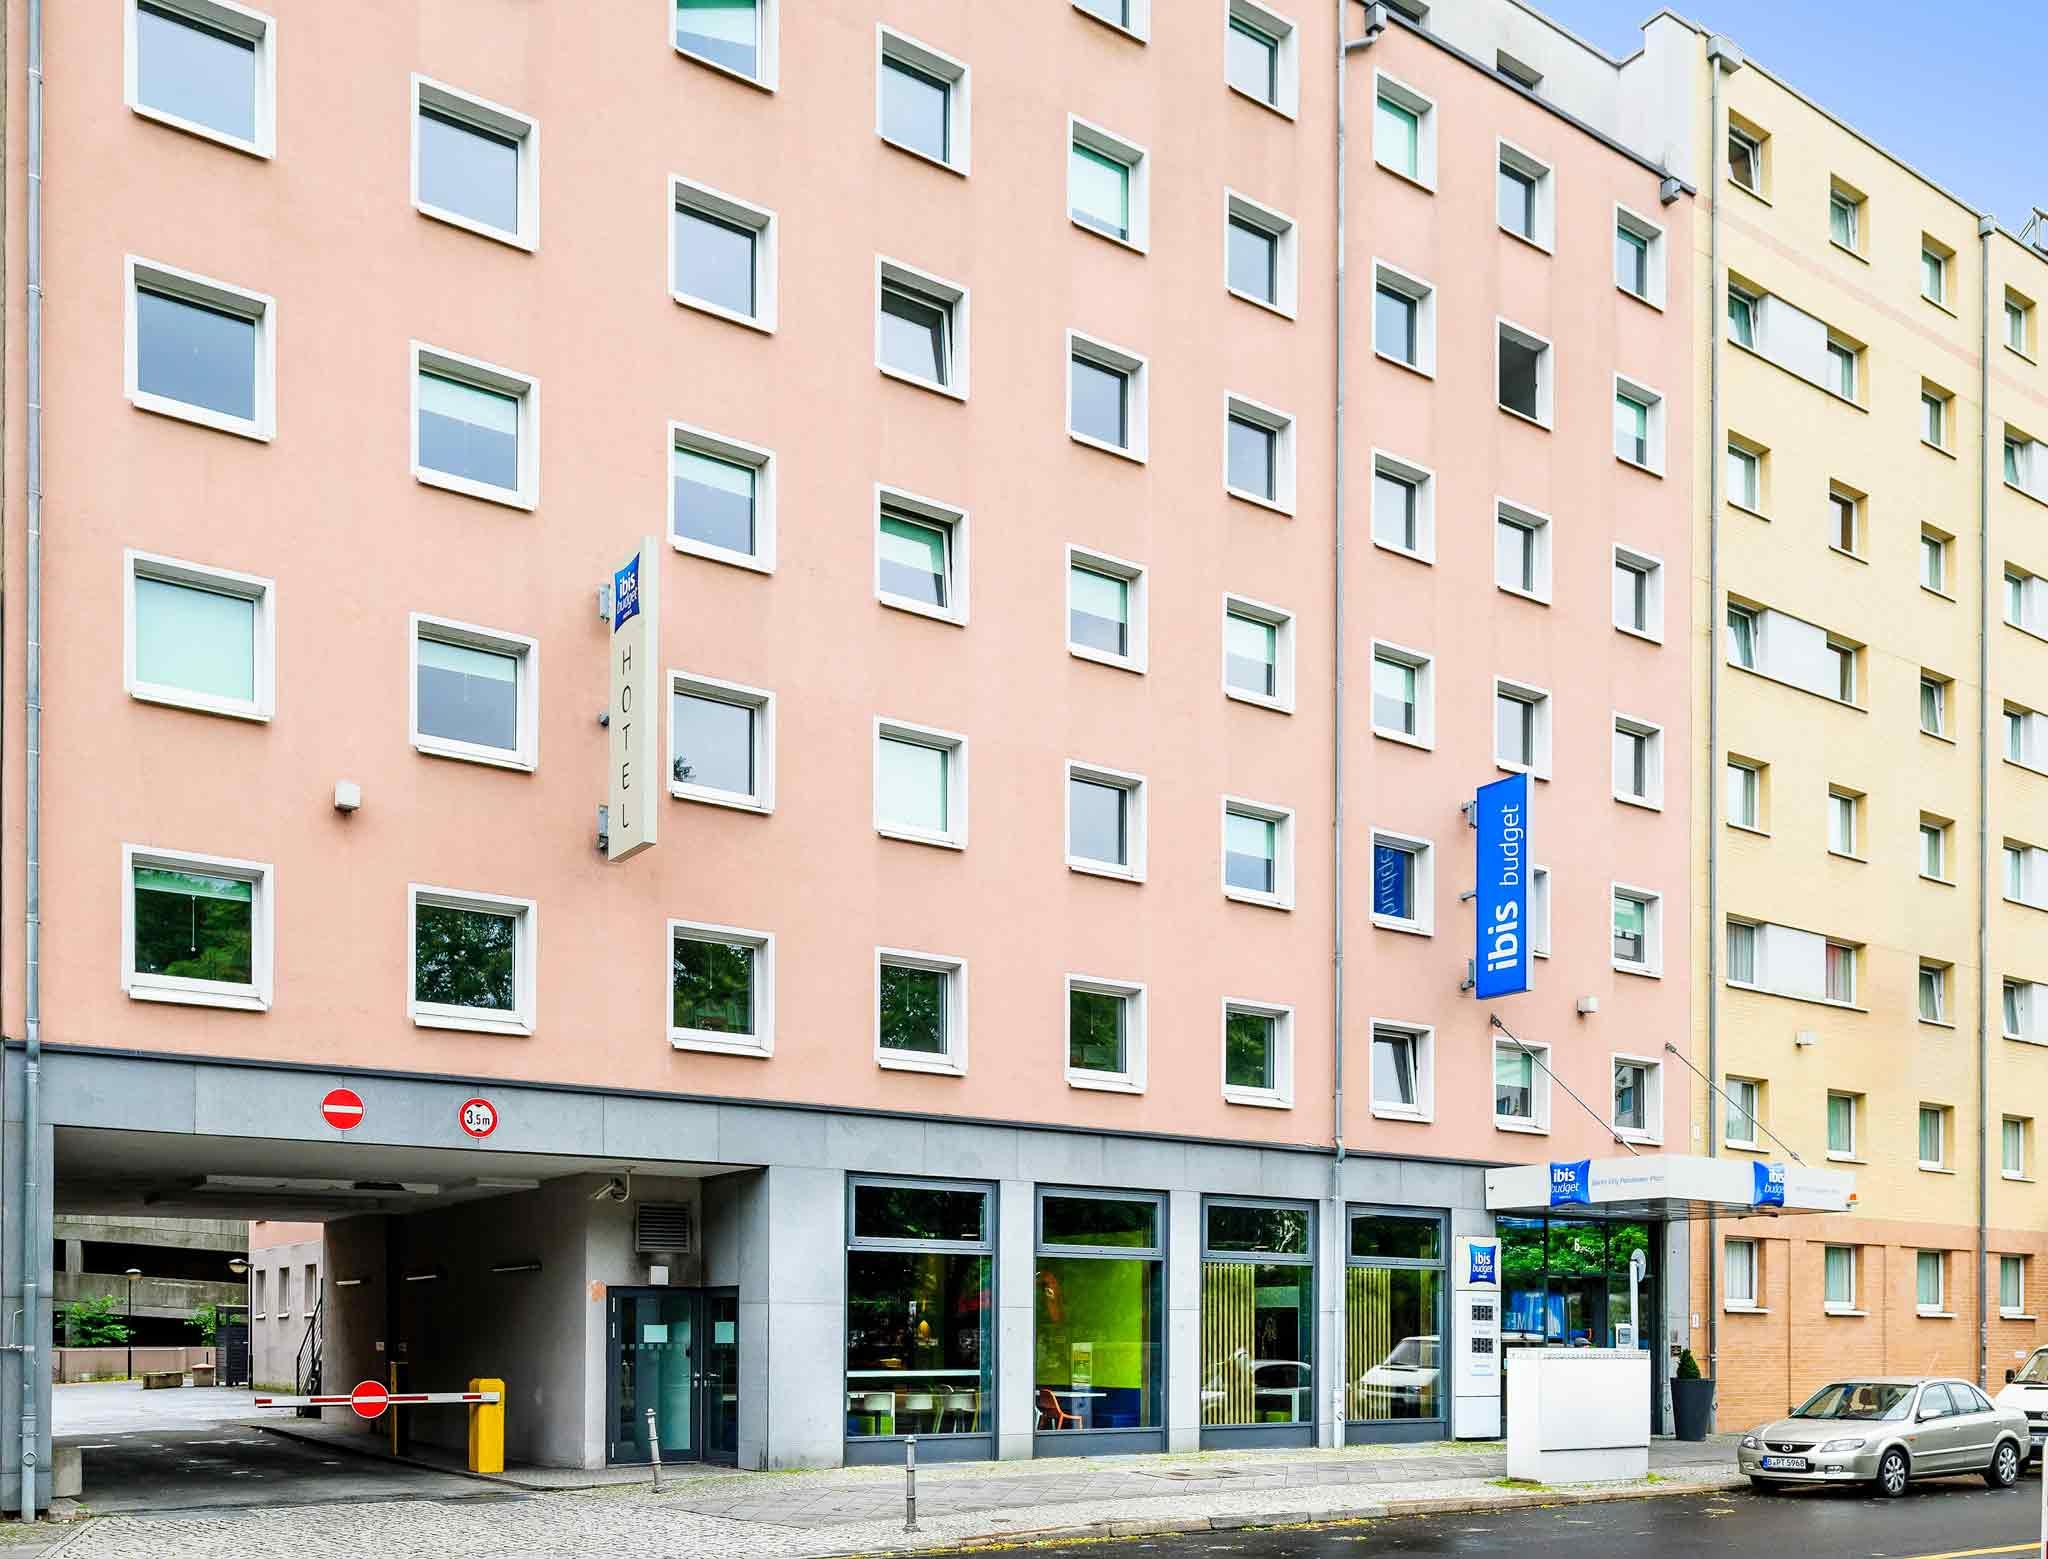 酒店 – ibis budget 柏林城市波茨坦广场酒店